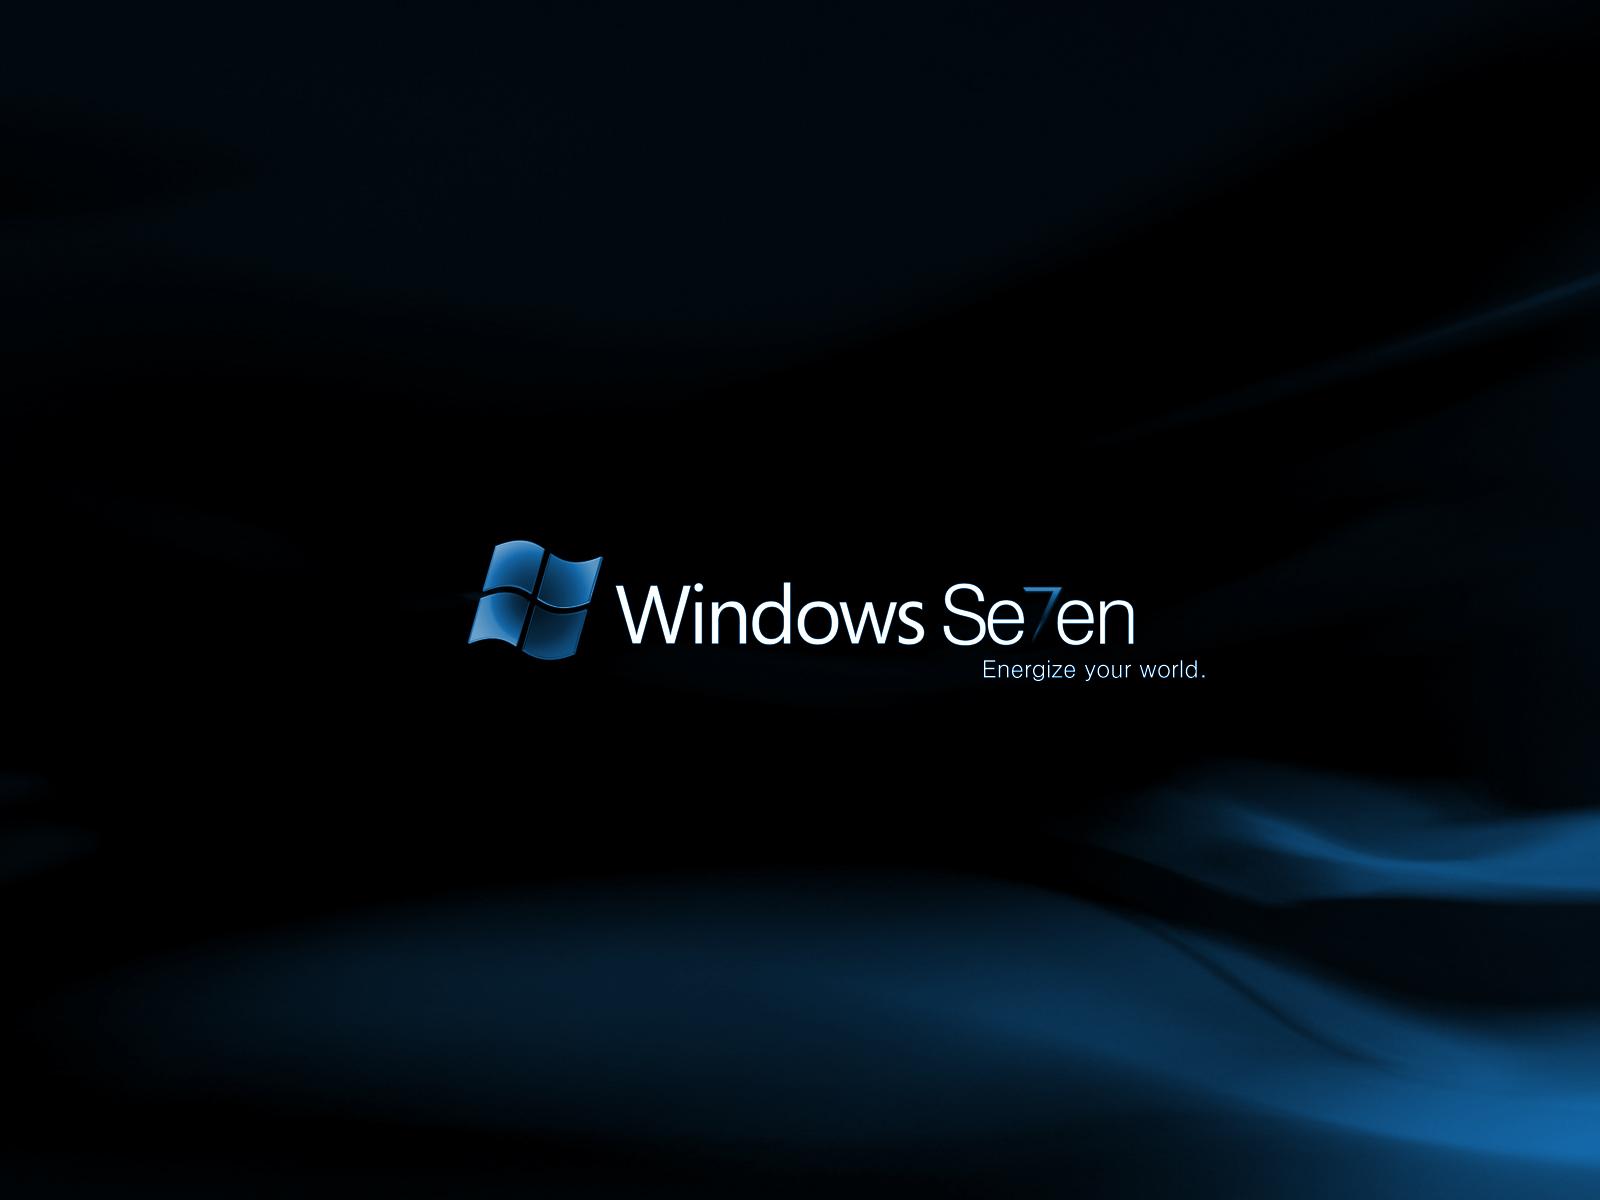 http://3.bp.blogspot.com/_LGCiC6y40N4/TOXo23nA8xI/AAAAAAAAABQ/DFTLnSrpl10/s1600/Windows+Se7en.jpg